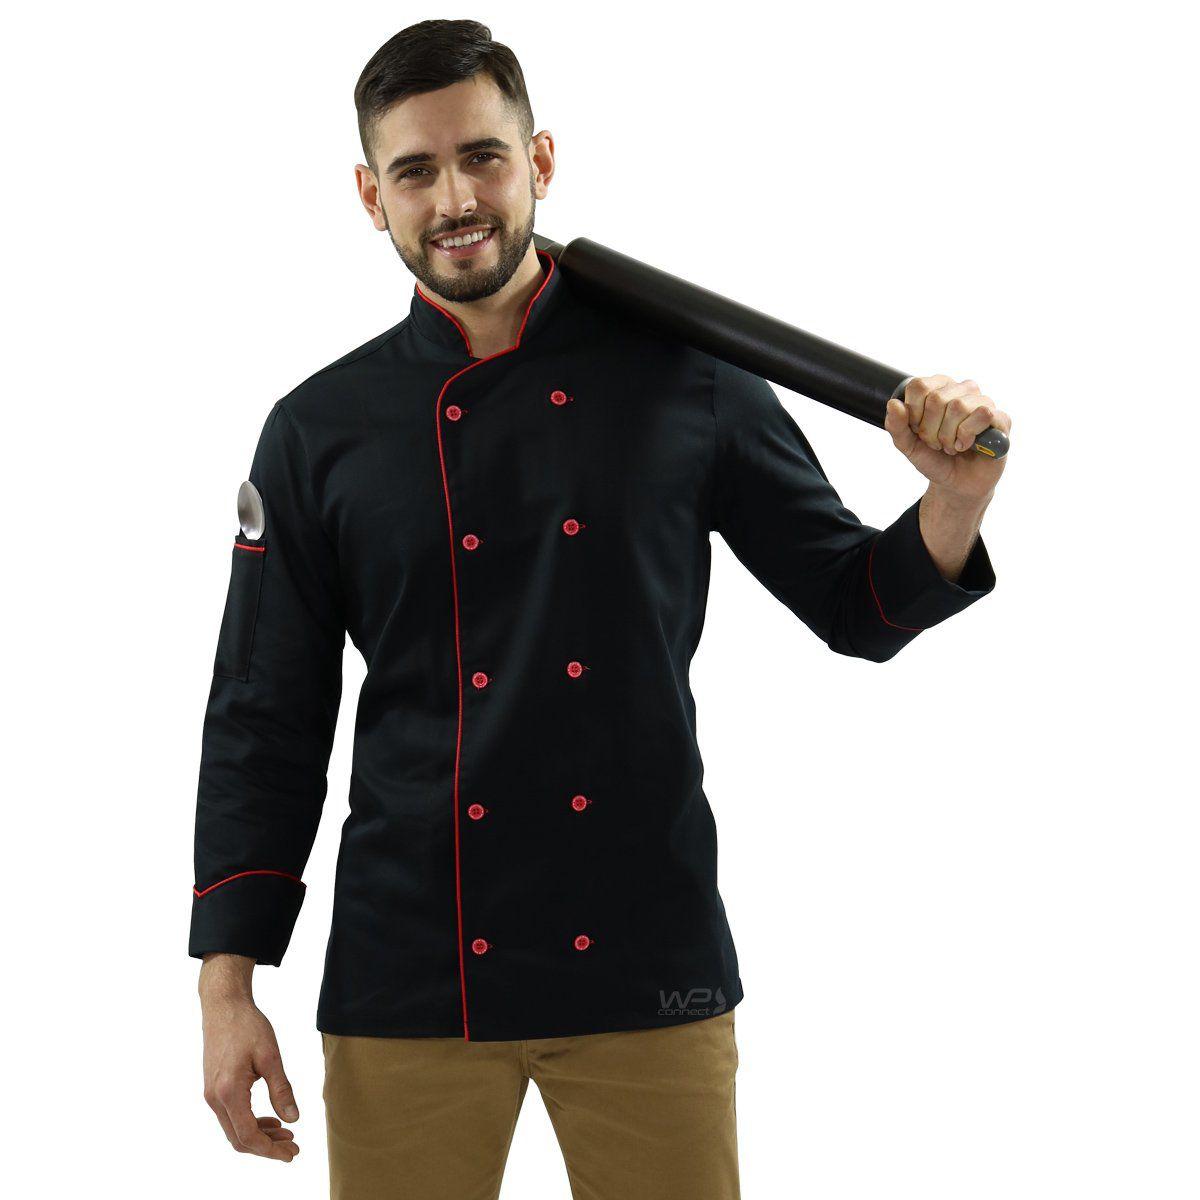 Uniforme Para Chef de Cozinha com Bandana Avental + Sapato Antiderrapante